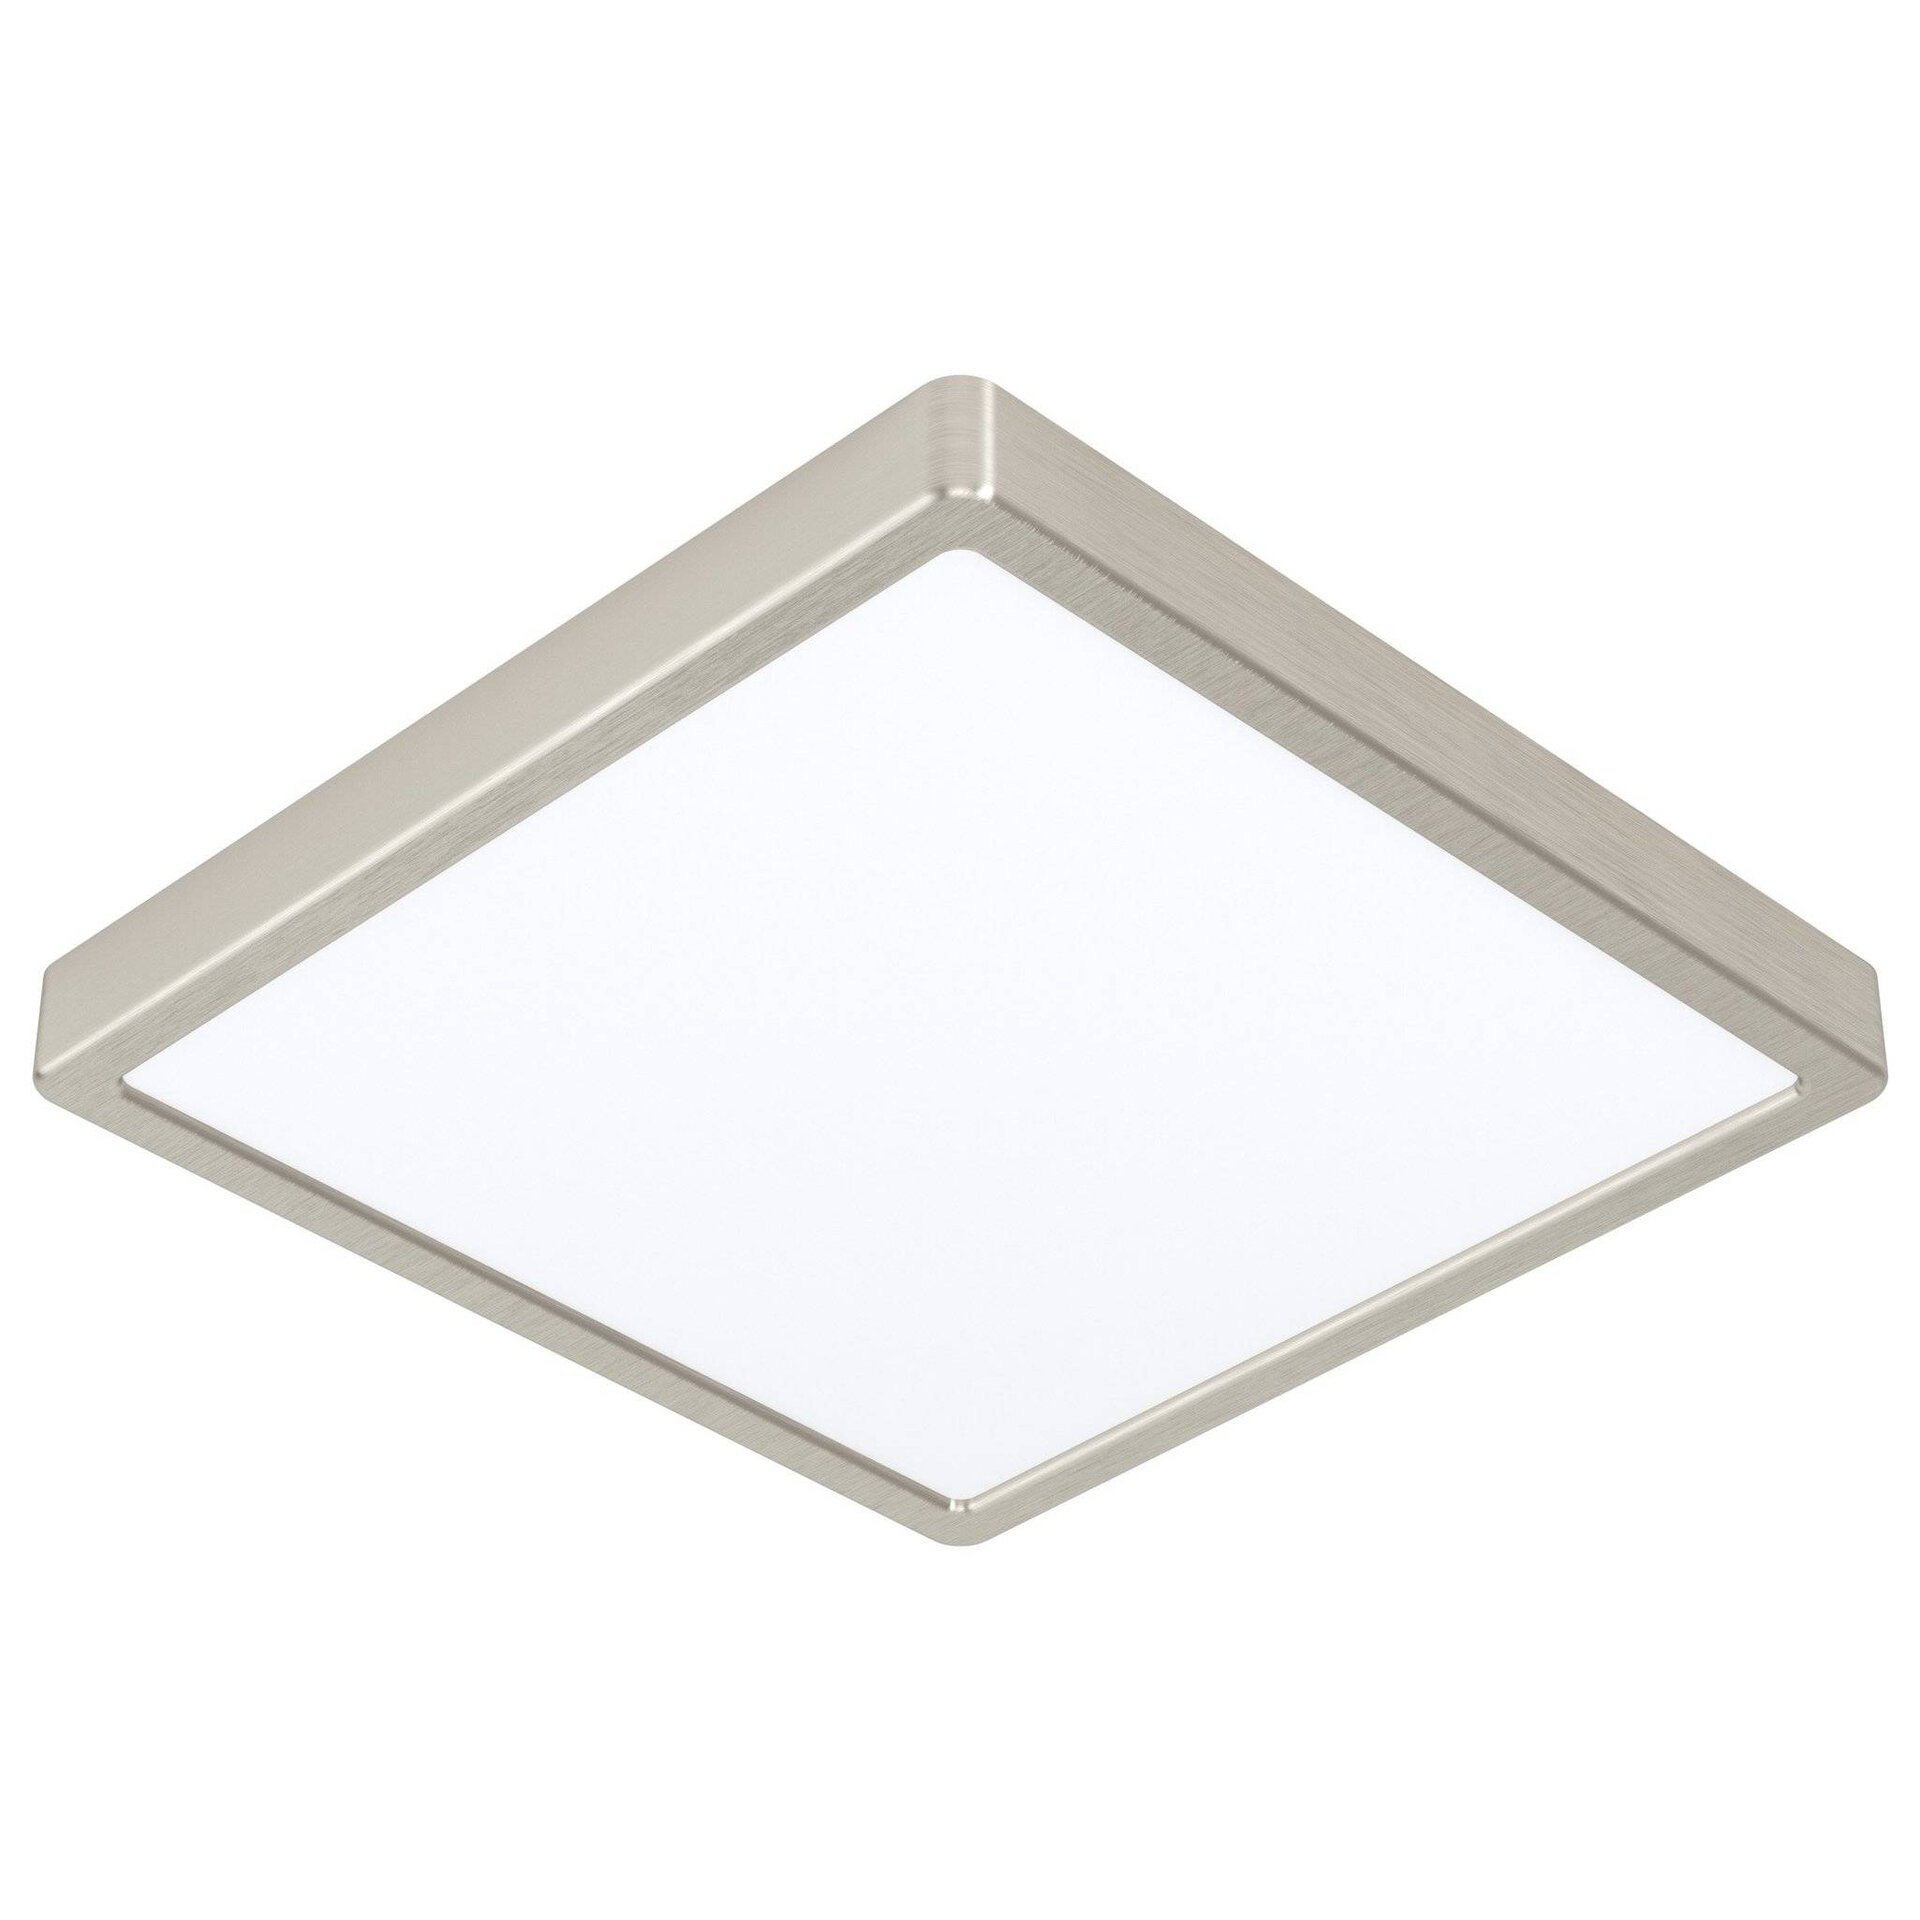 Deckenleuchte FUEVA 5 Eglo Metall silber 29 x 3 x 29 cm